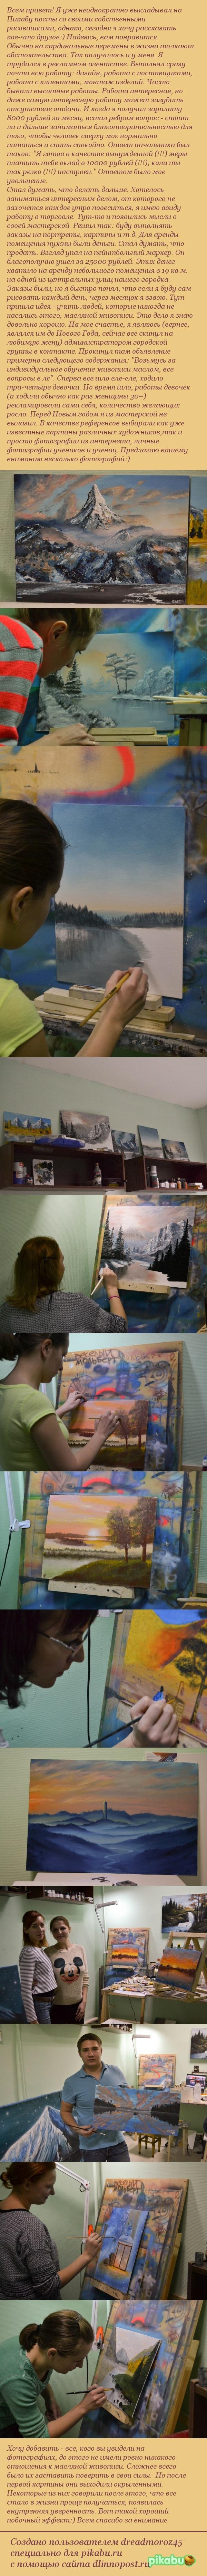 Как мы учились рисовать. Искусство, Картина маслом, Рисование, Дело, Холст, Длиннопост